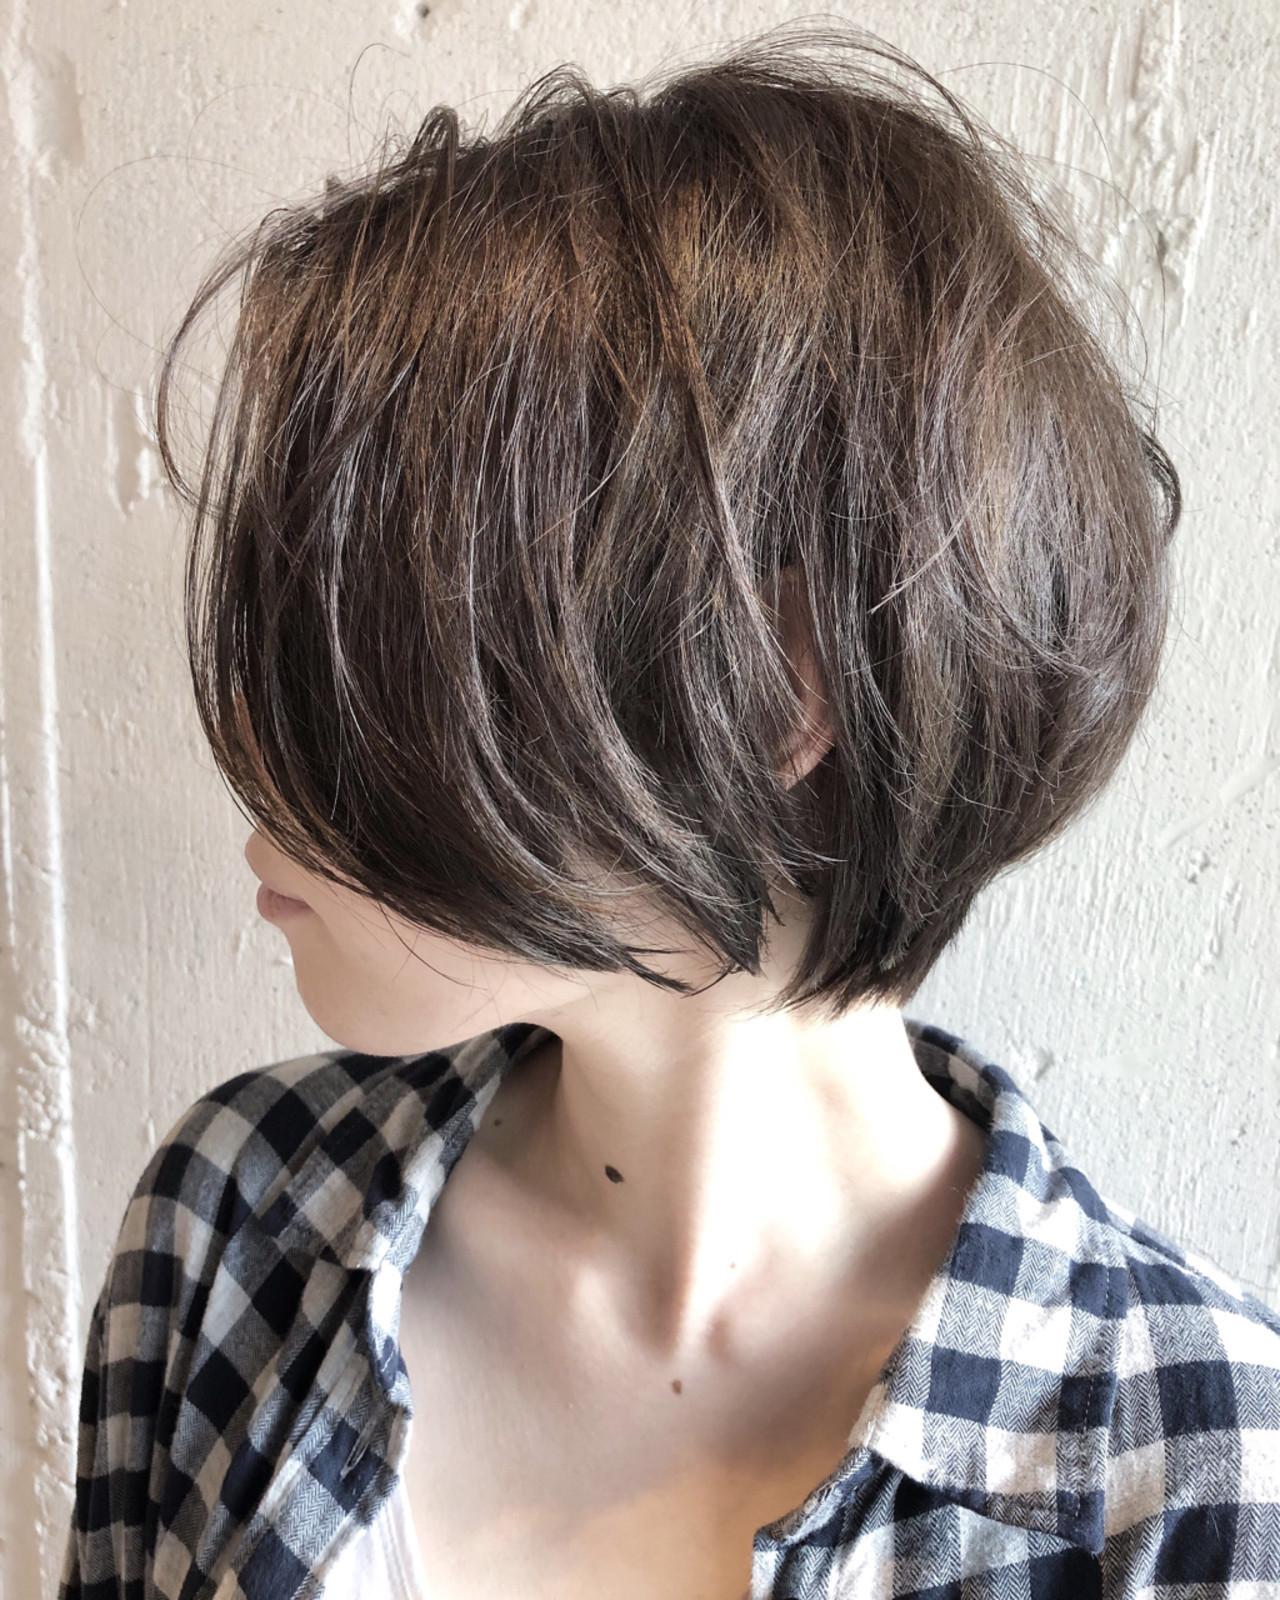 ショート バレイヤージュ シルバーアッシュ ナチュラル ヘアスタイルや髪型の写真・画像